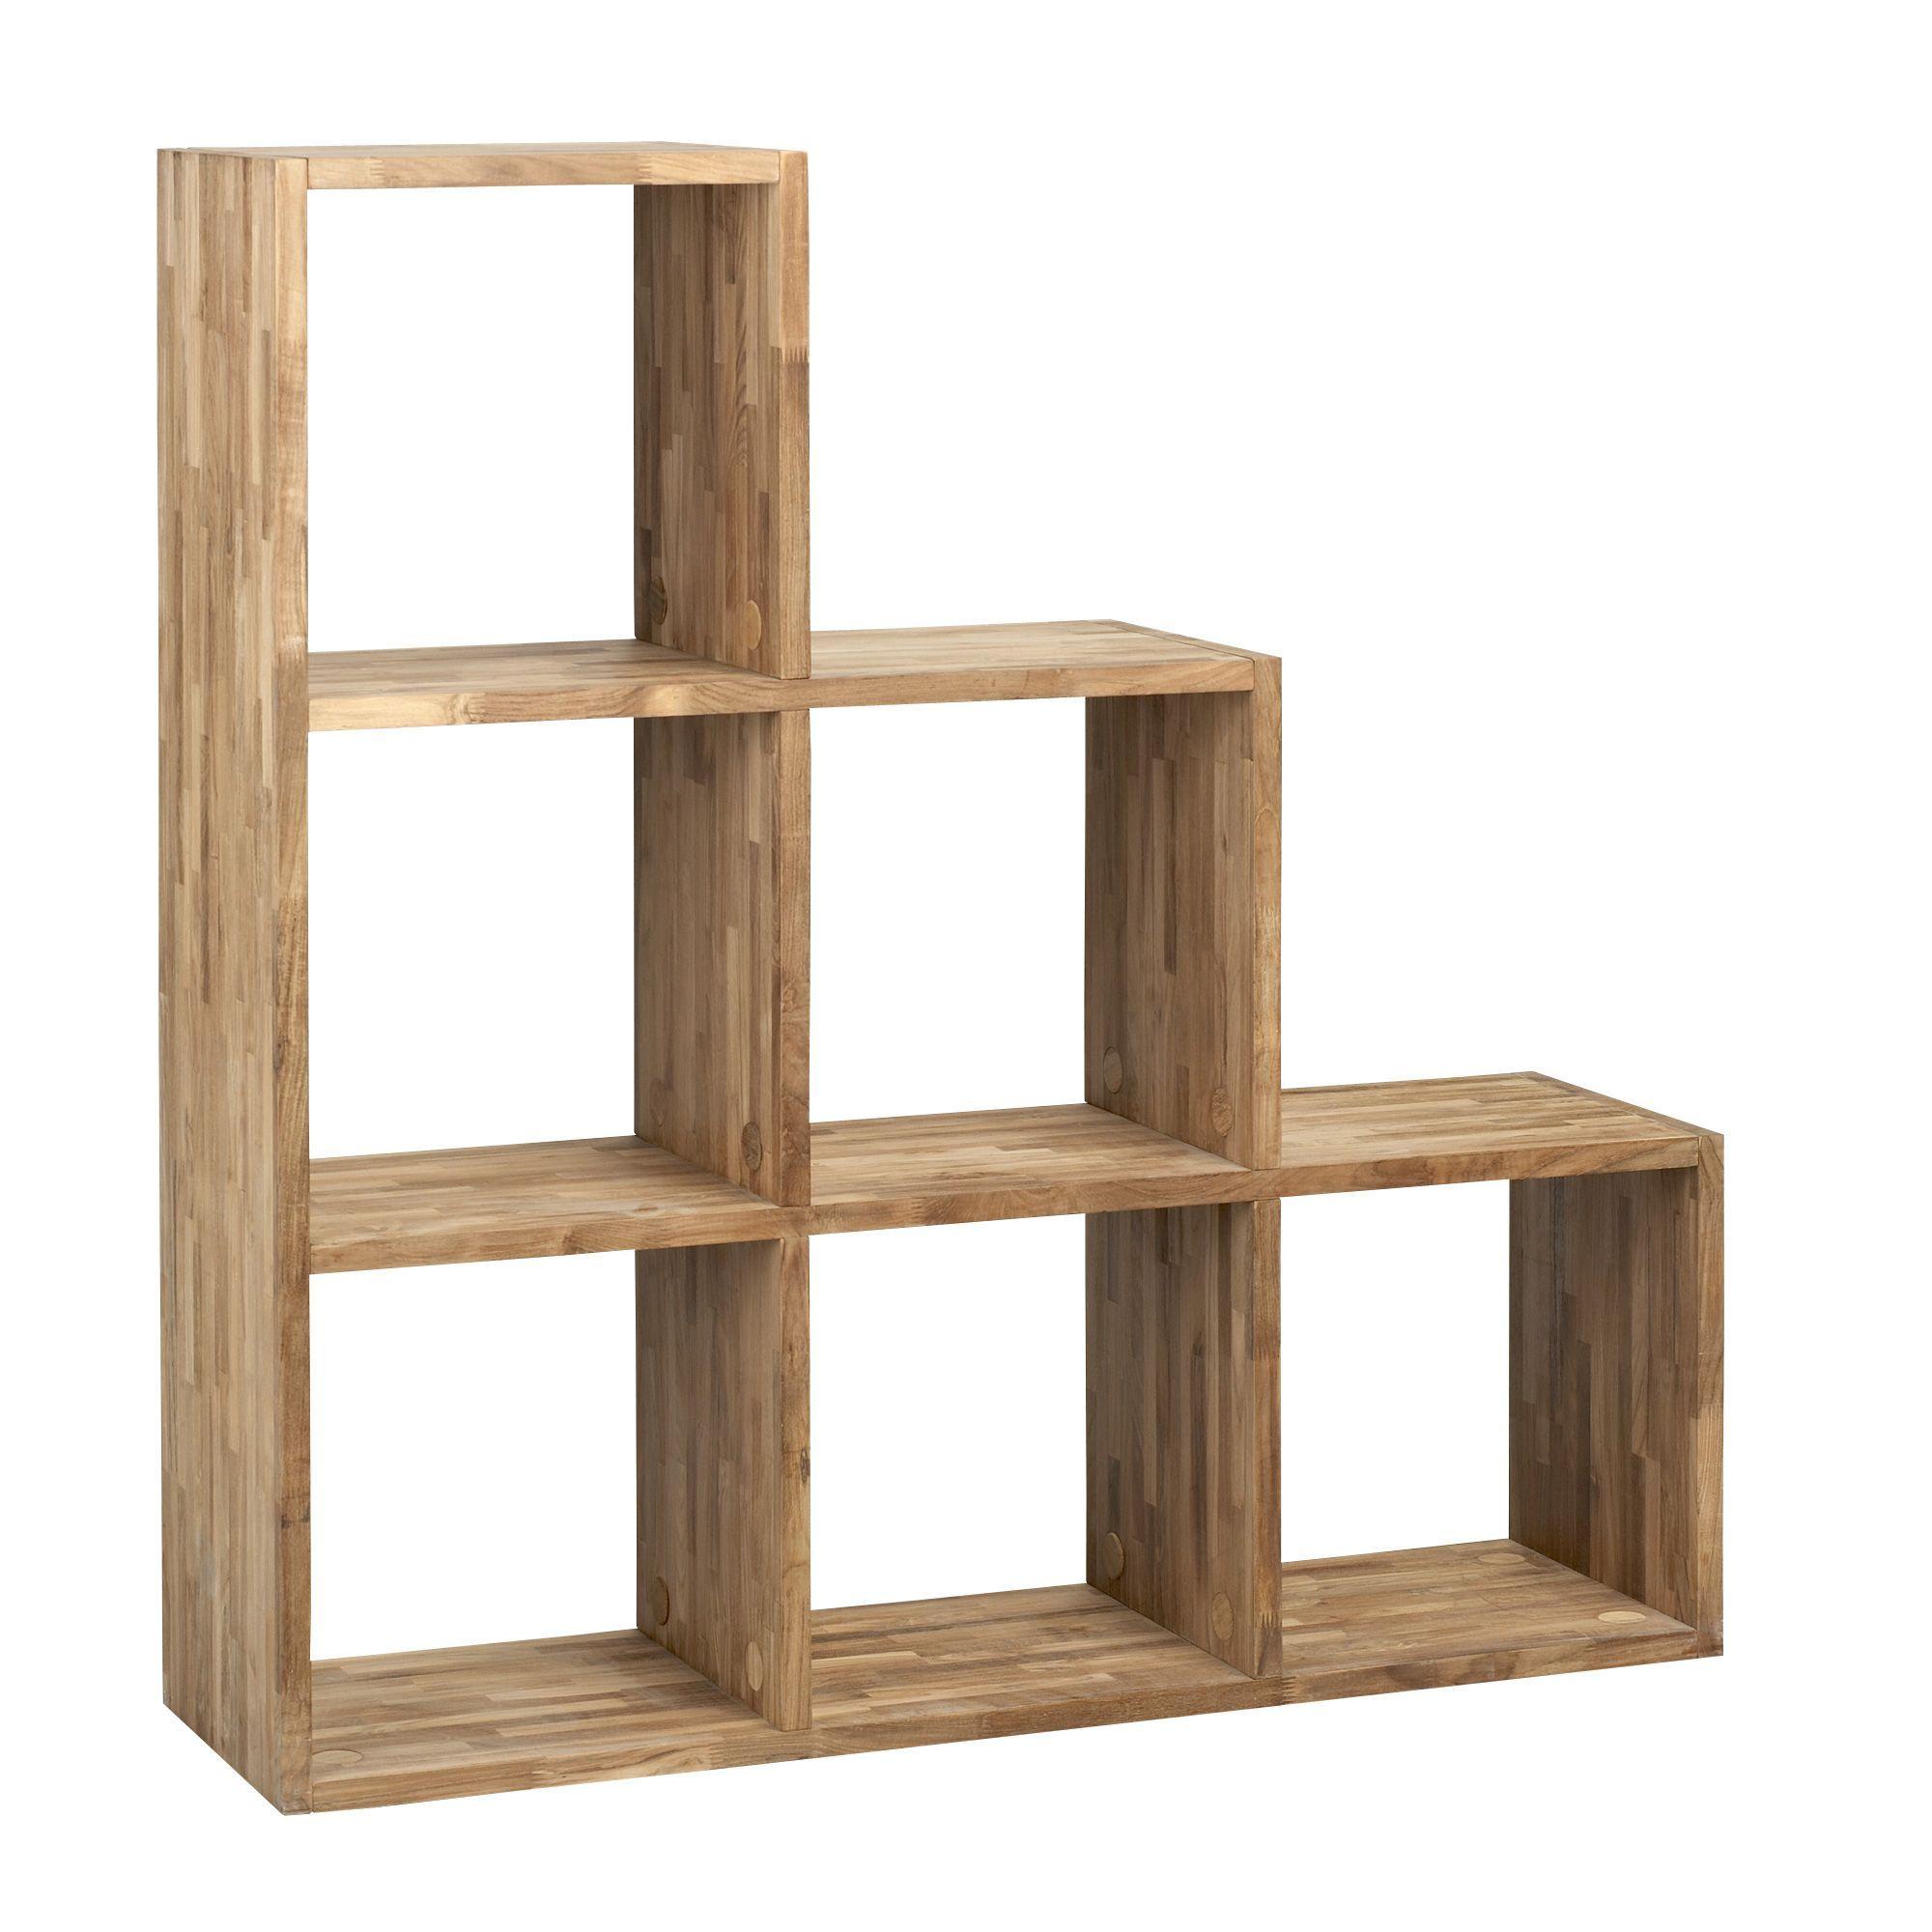 Etag re escalier 6 cases en teck trendy les for Etagere salon conforama